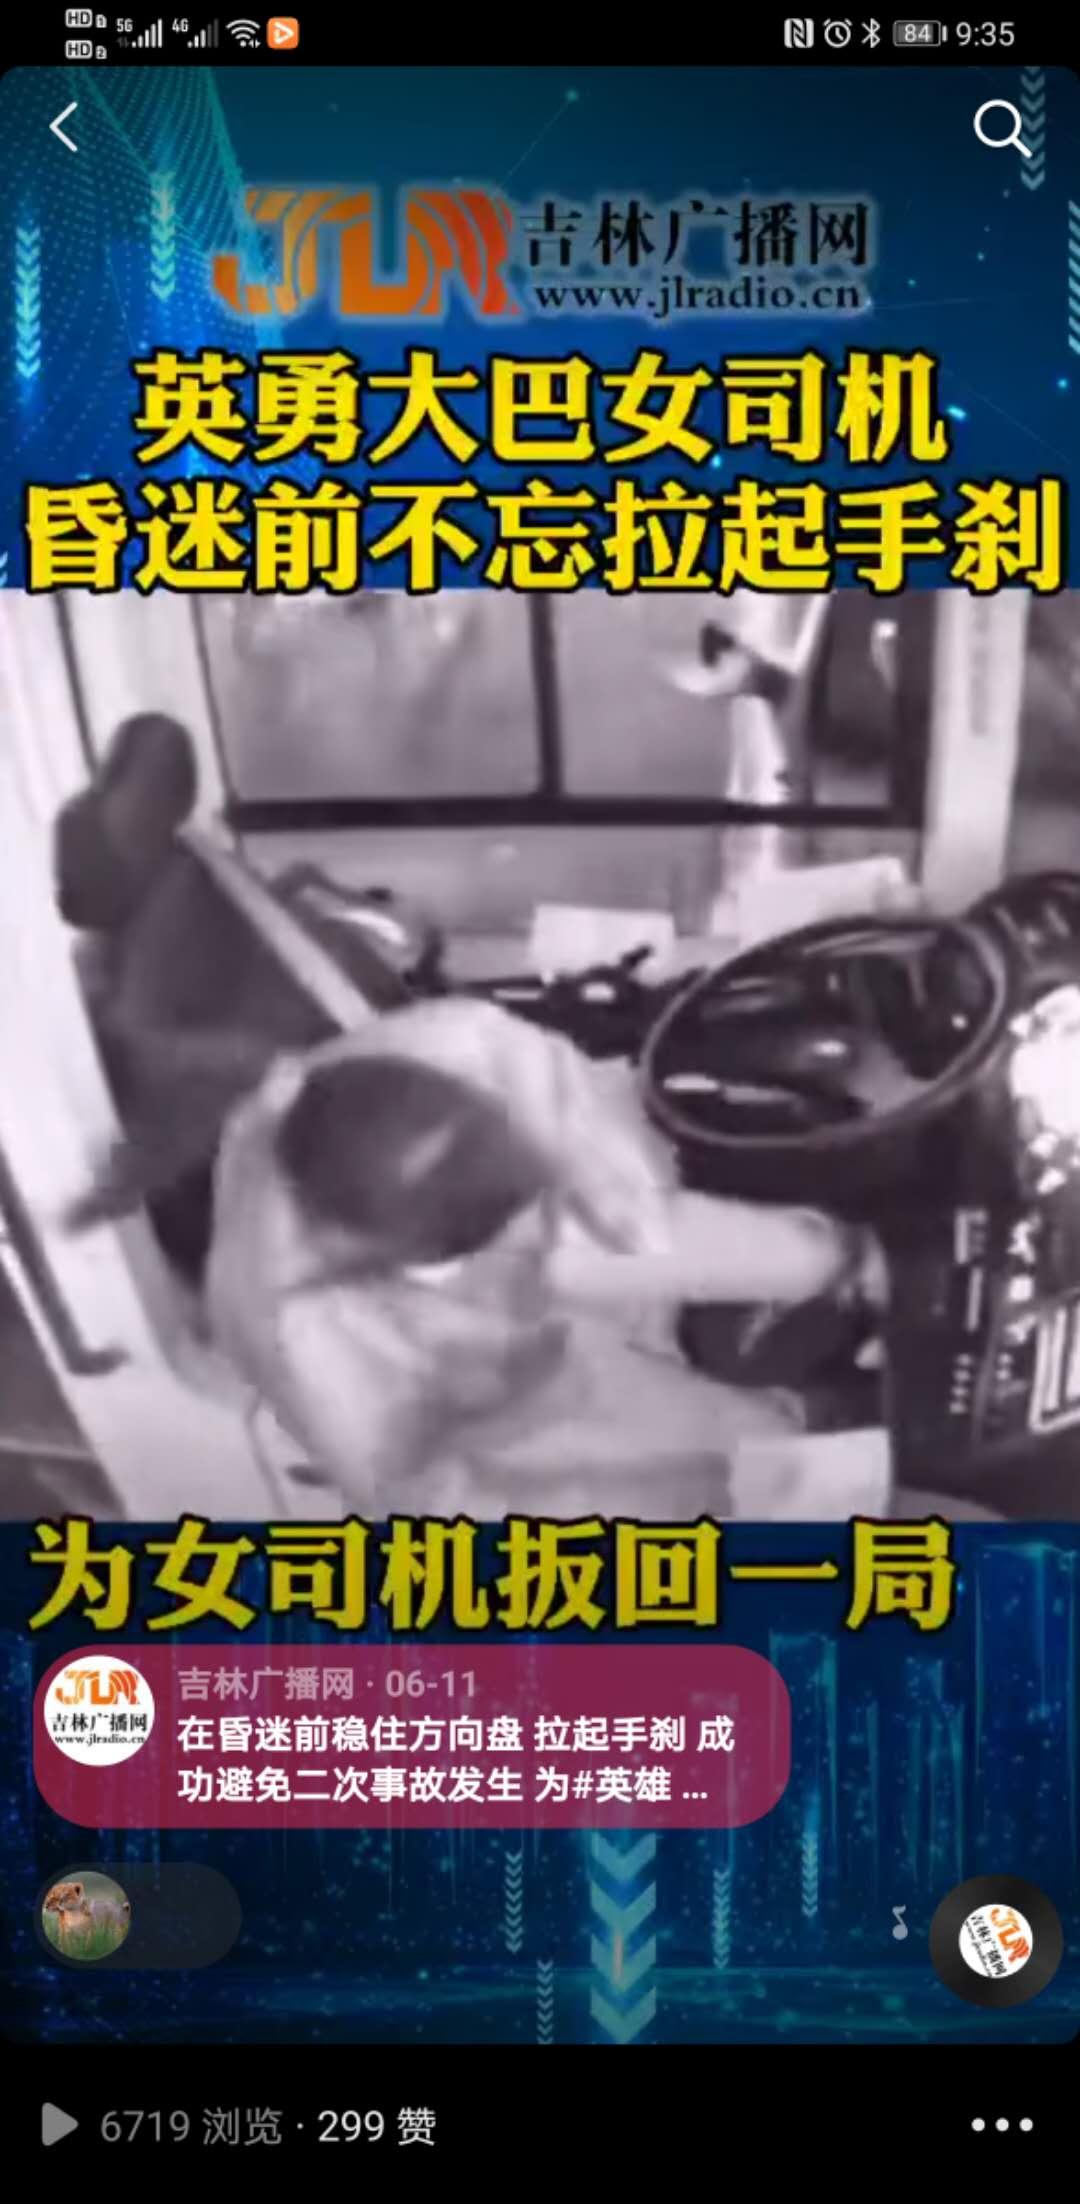 英勇大巴女司机 救下一车人